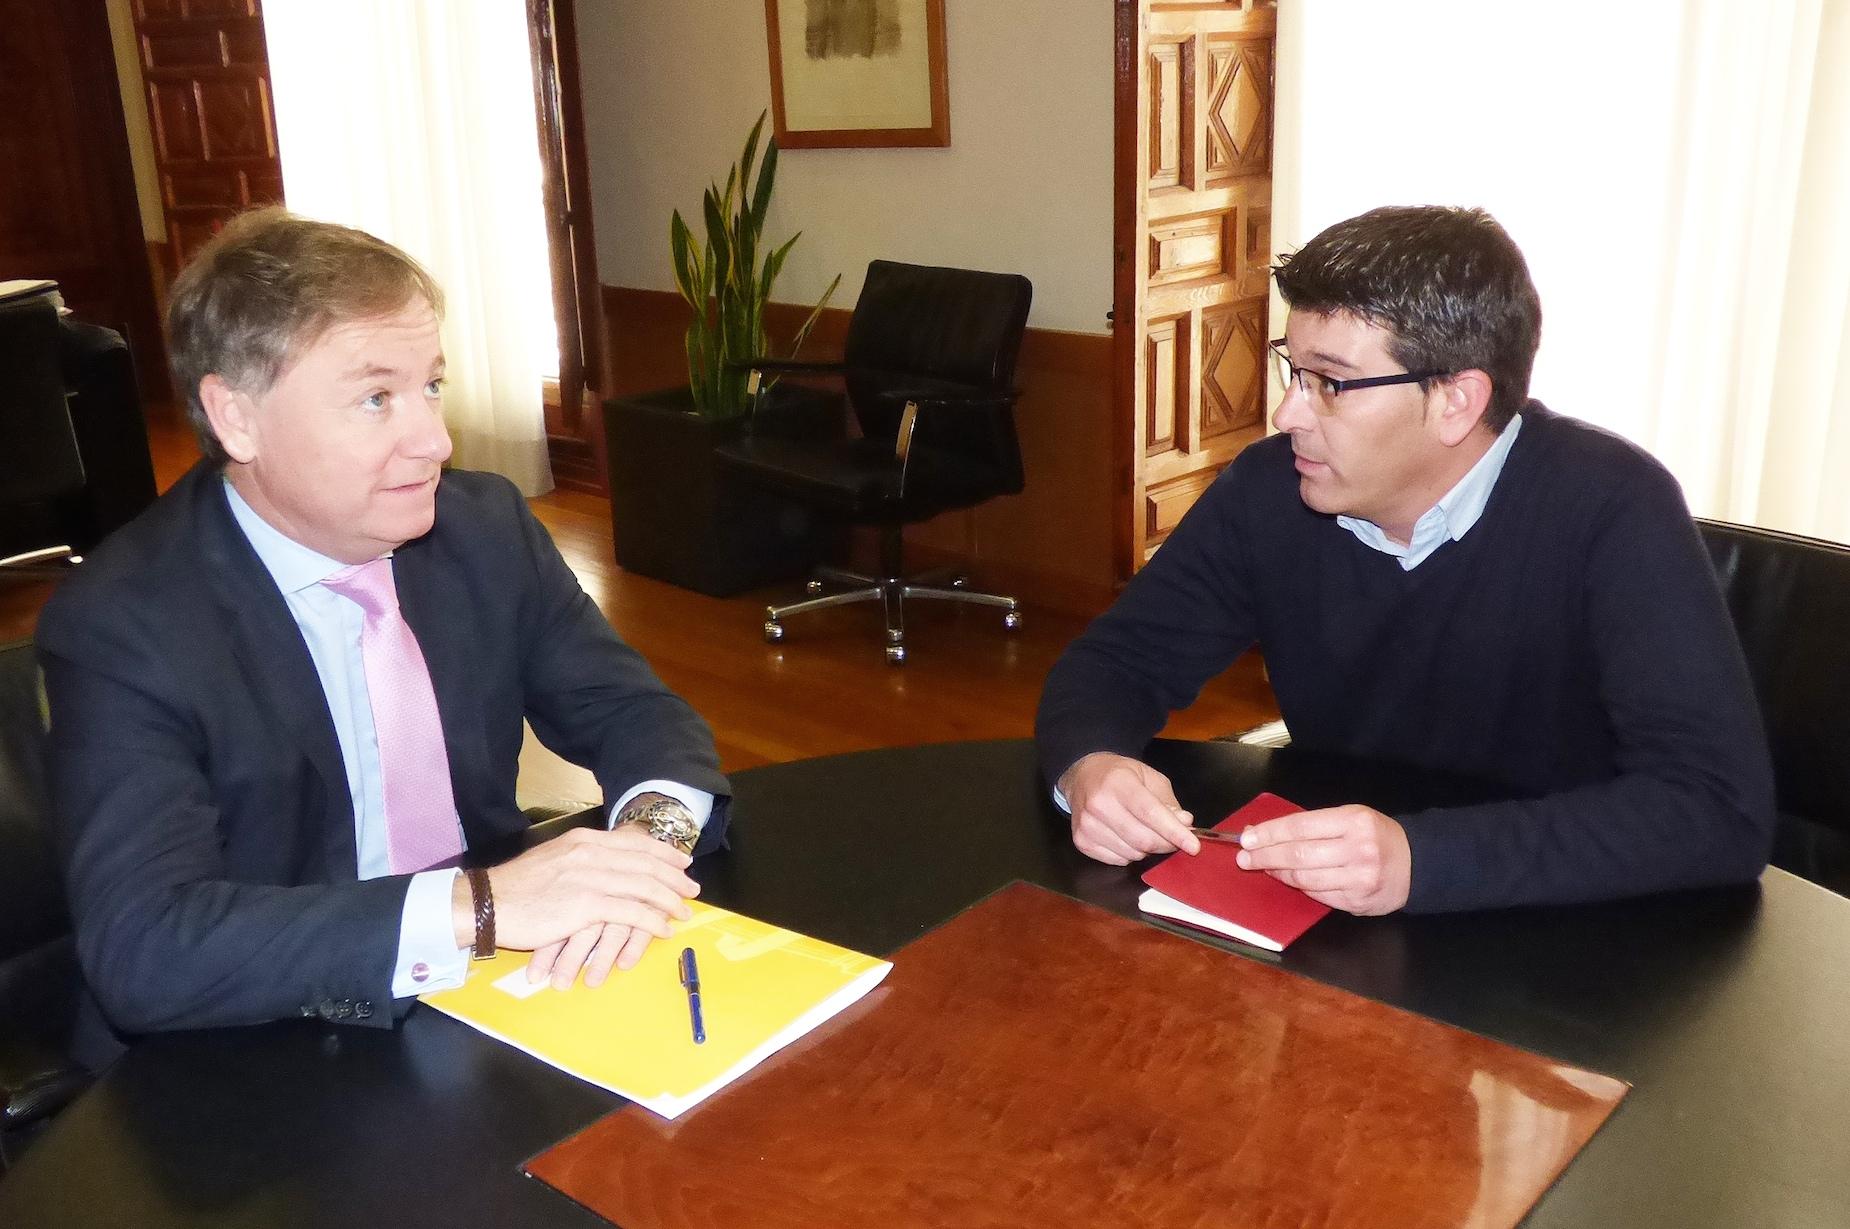 El delegado del Gobierno en la Comunitat Valenciana, Juan Carlos Moragues, con el presidente de la Diputación de Valencia, Jorge Rodríguez.